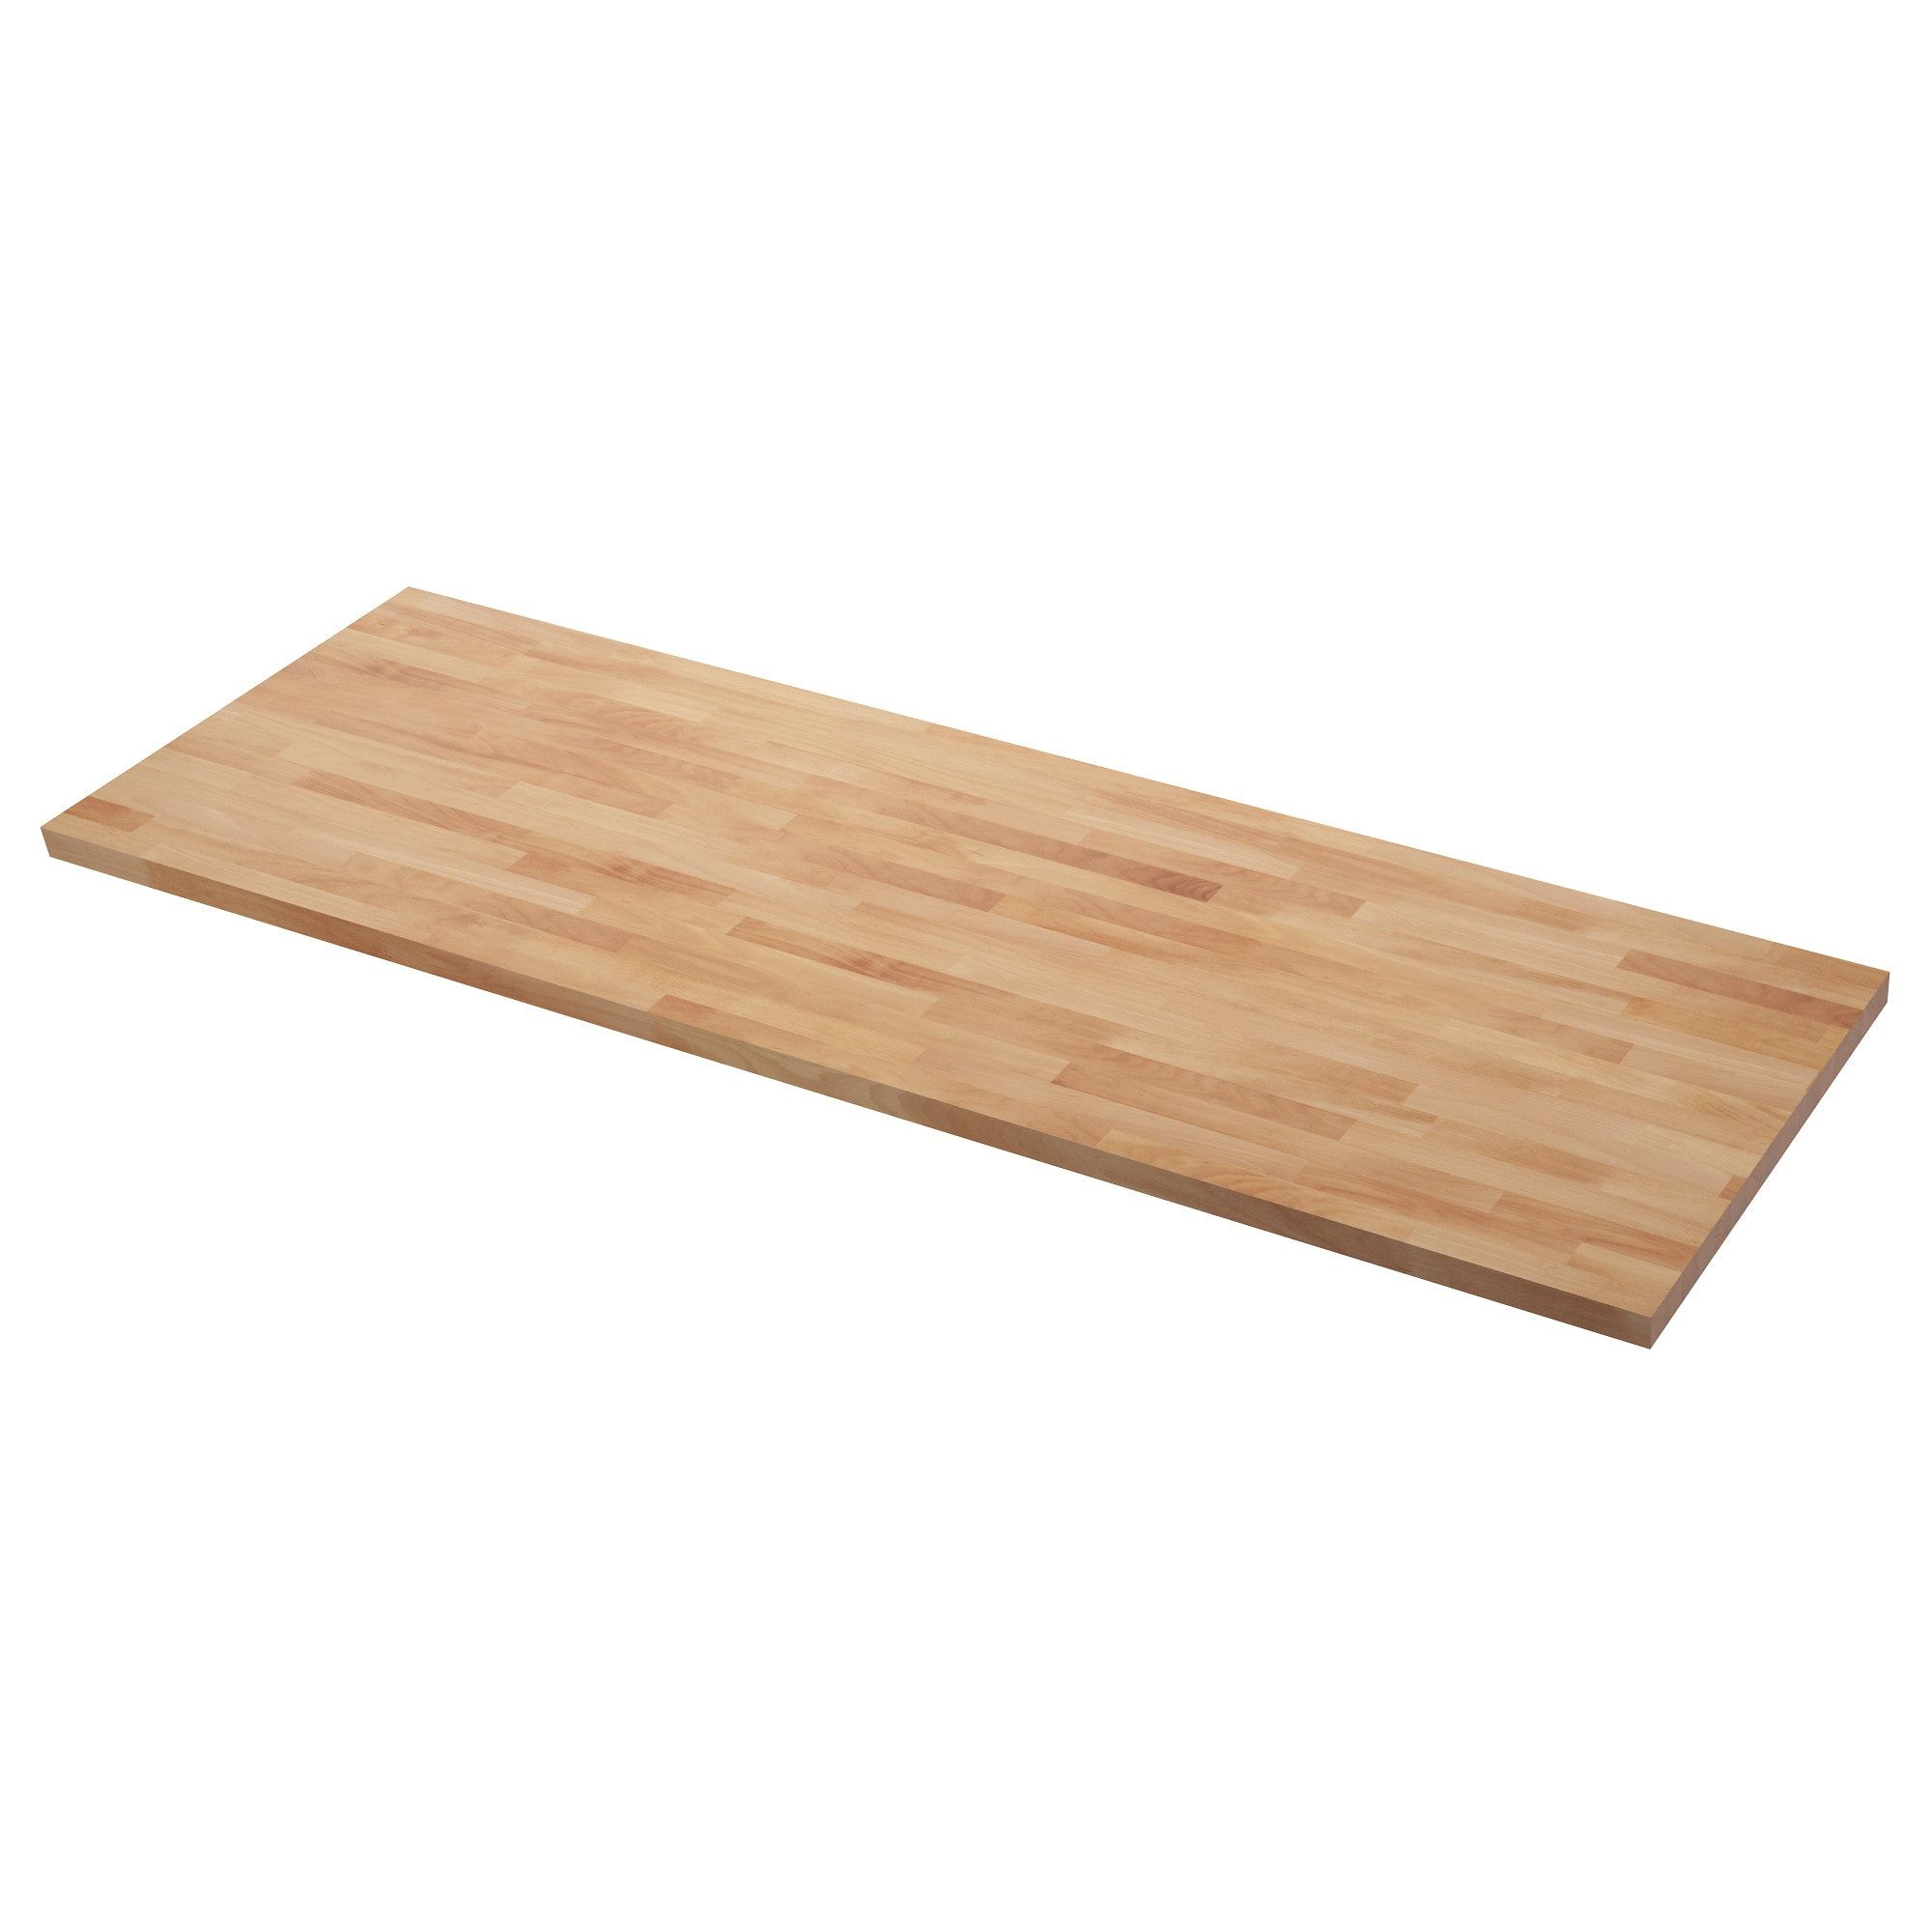 Skogarp Massarbeitsplatte Buche Massivholz Ikea Osterreich Arbeitsplatte Holz Und Ikea Produkte